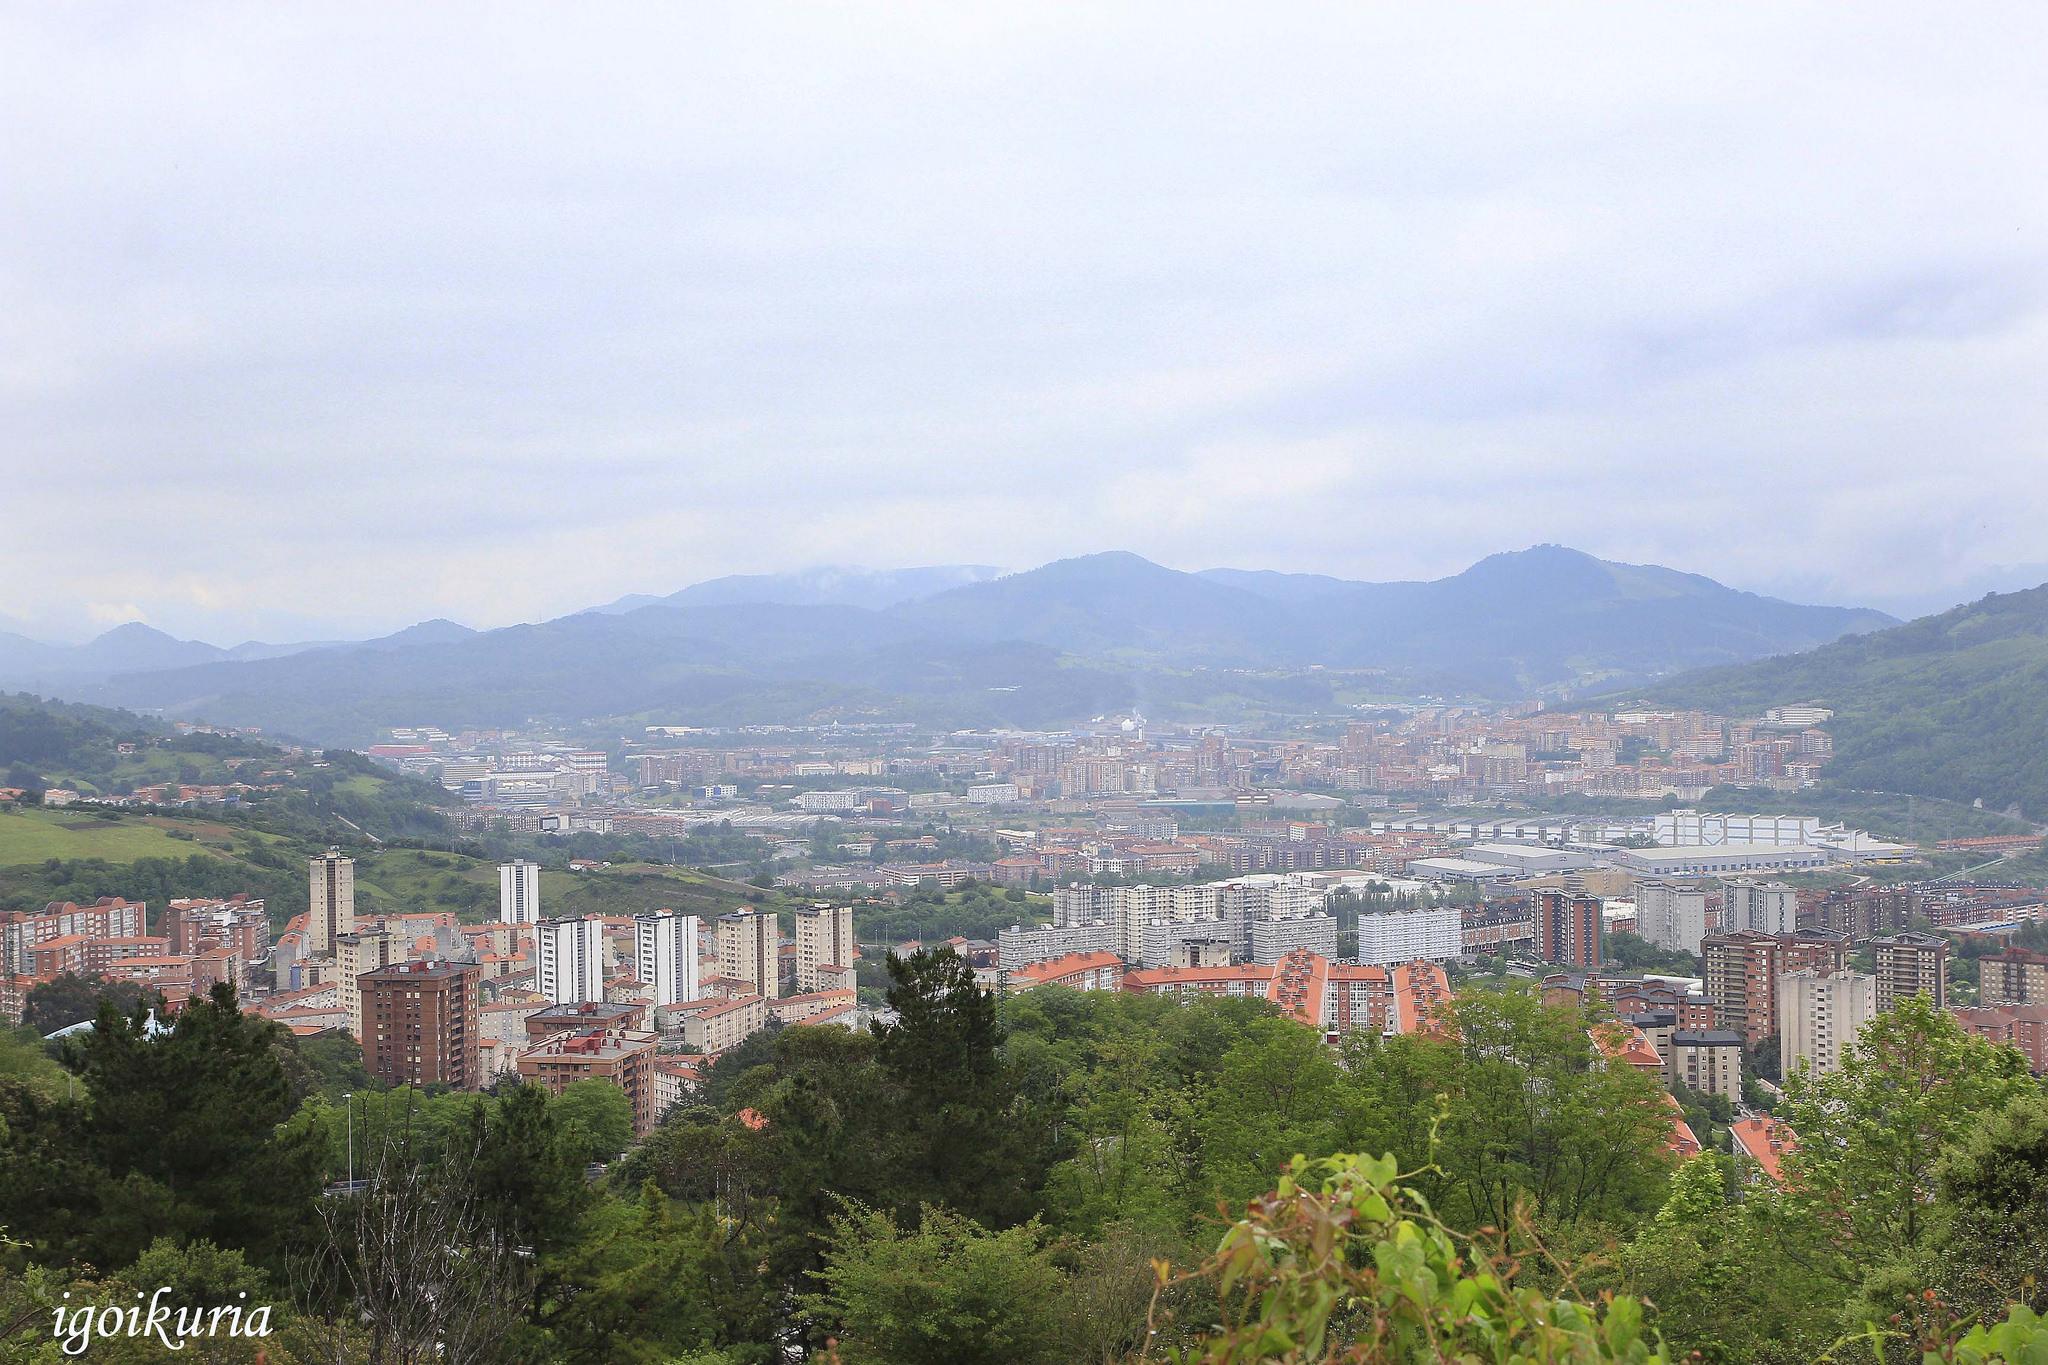 Vista de Otxarkoaga. Foto: Inocencio Goikuria.